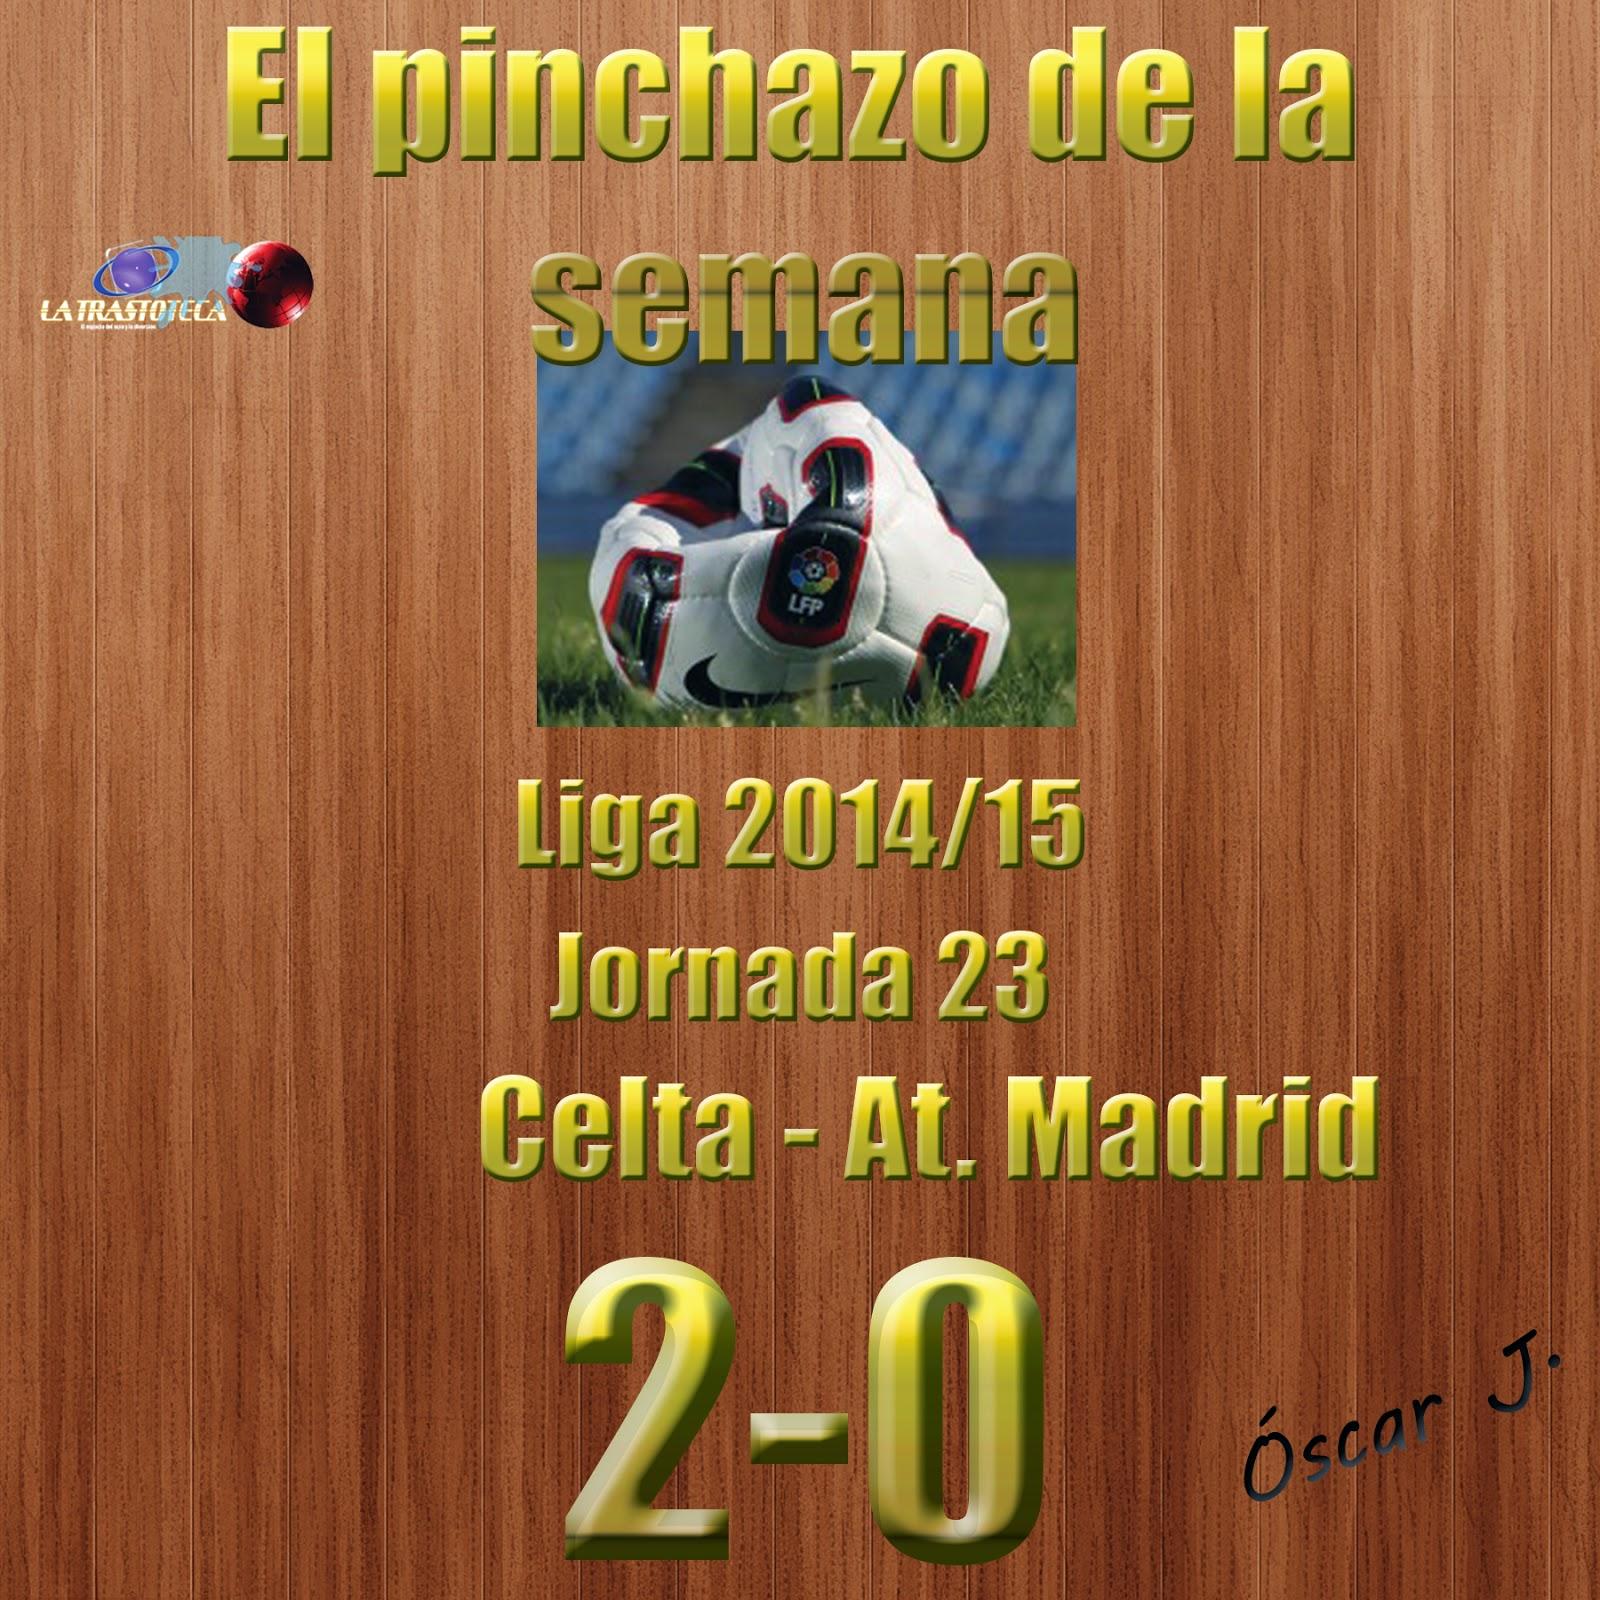 Celta 2-0 At. de Madrid. Liga 2014/15 - Jornada 23. El pinchazo de la semana.